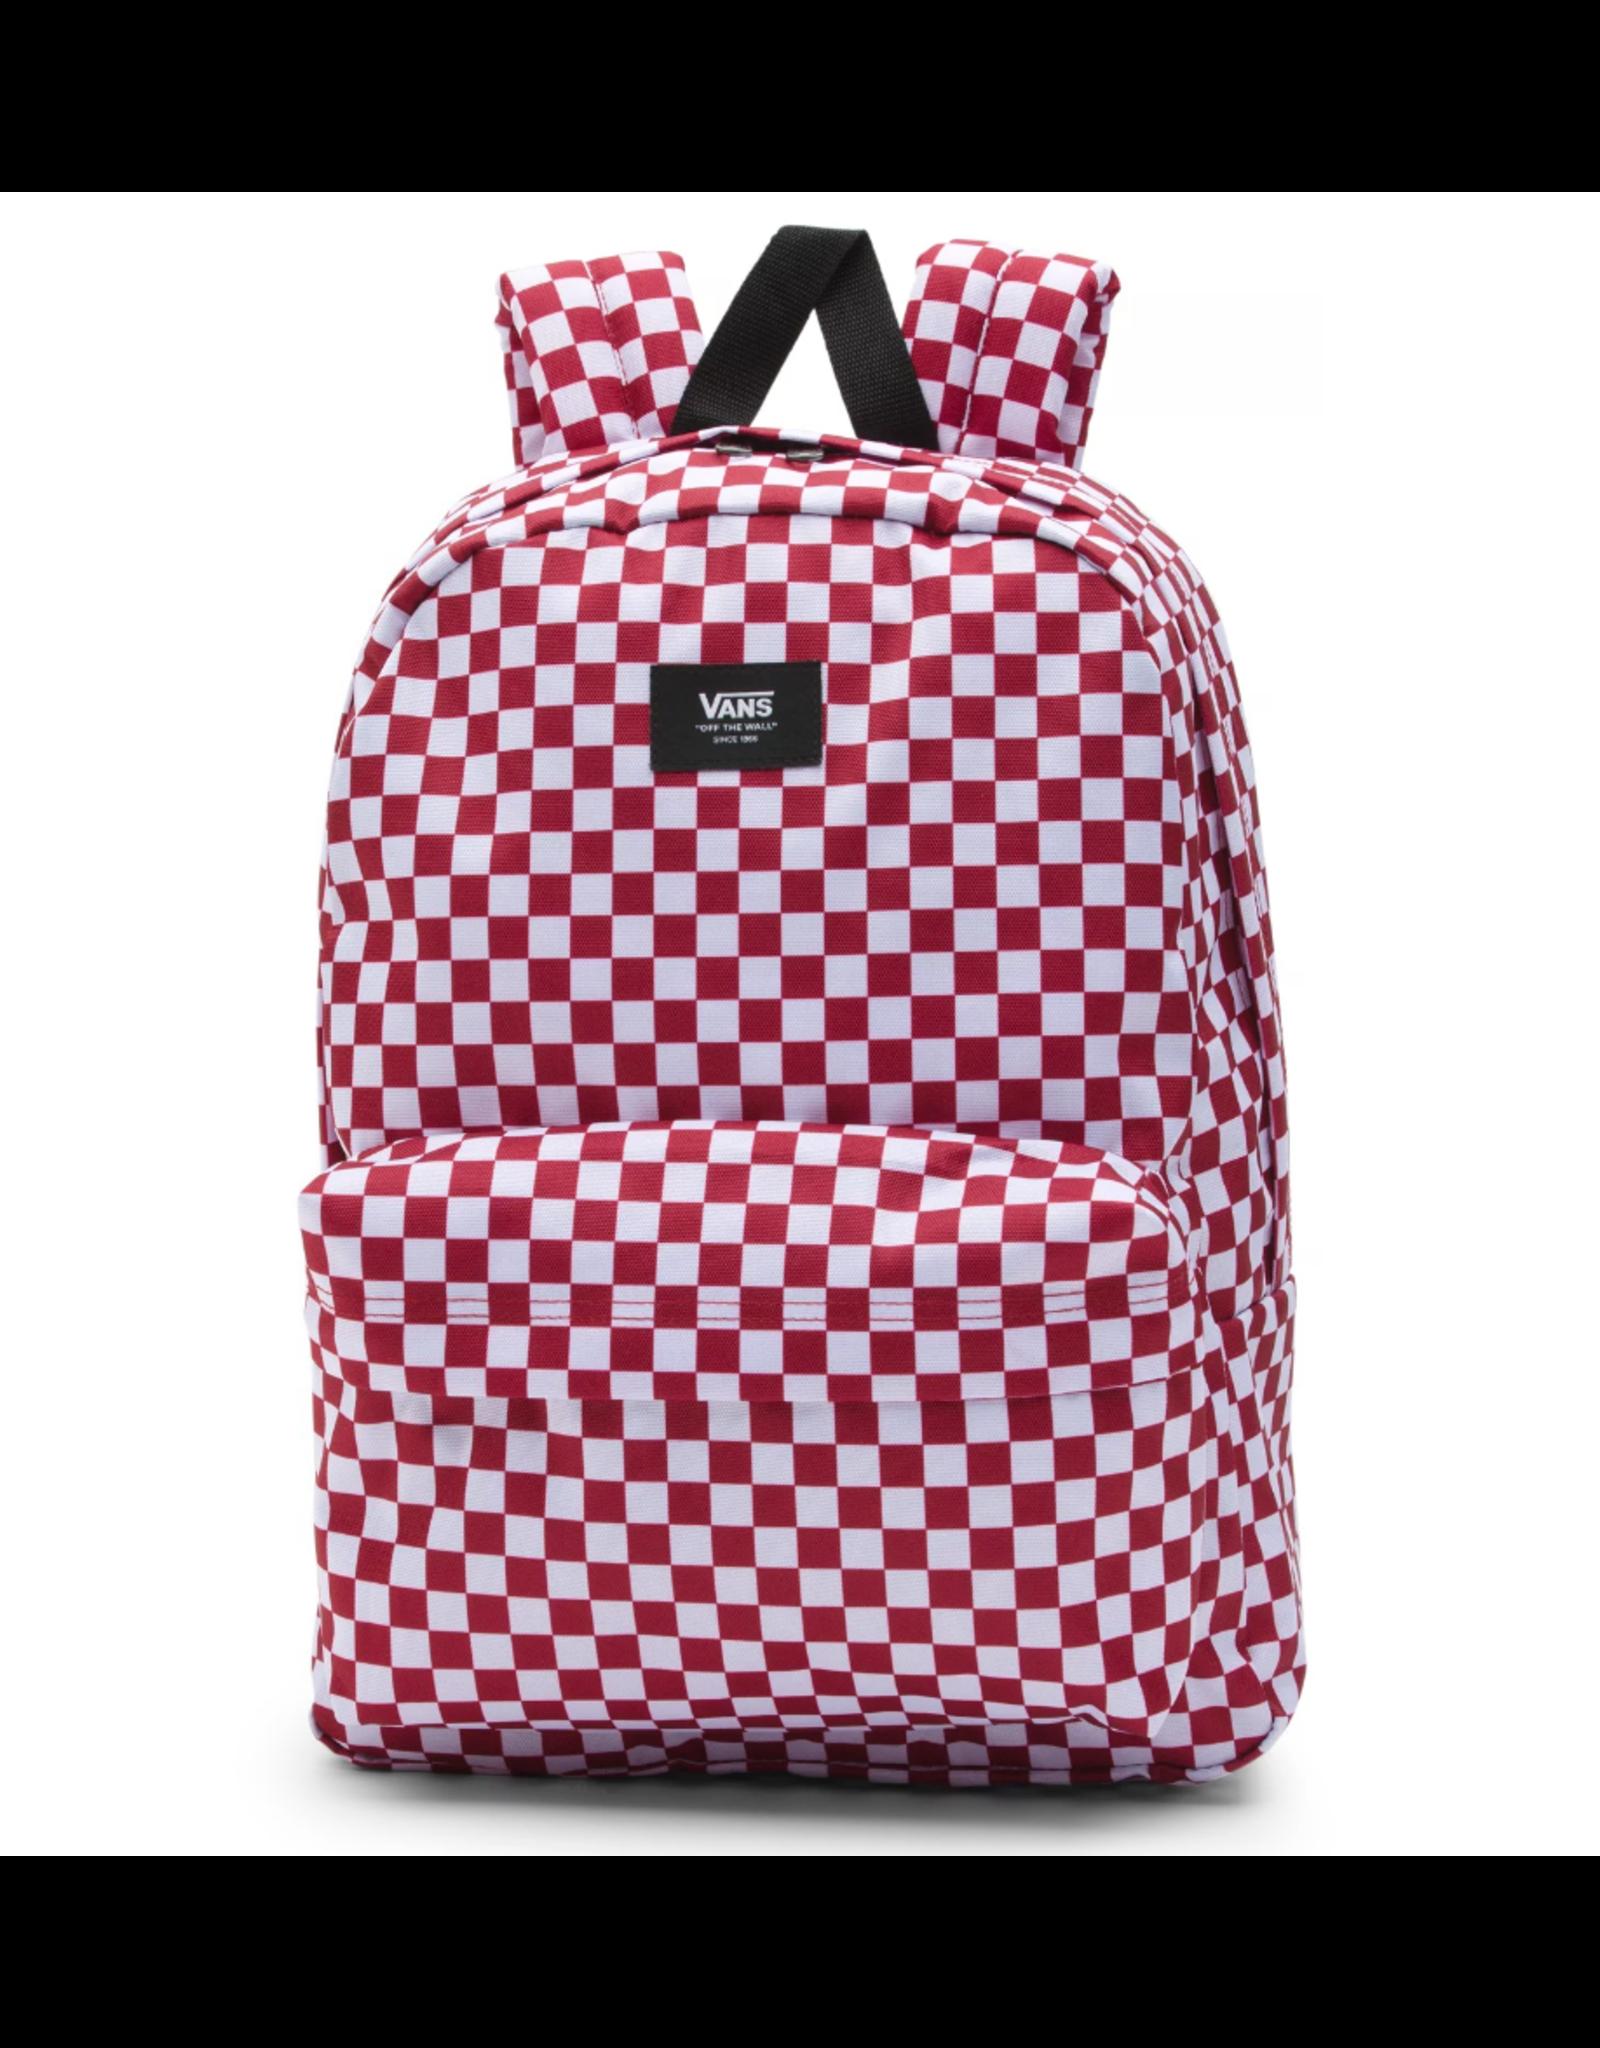 Vans Old Skool III Backpack - Red/Check